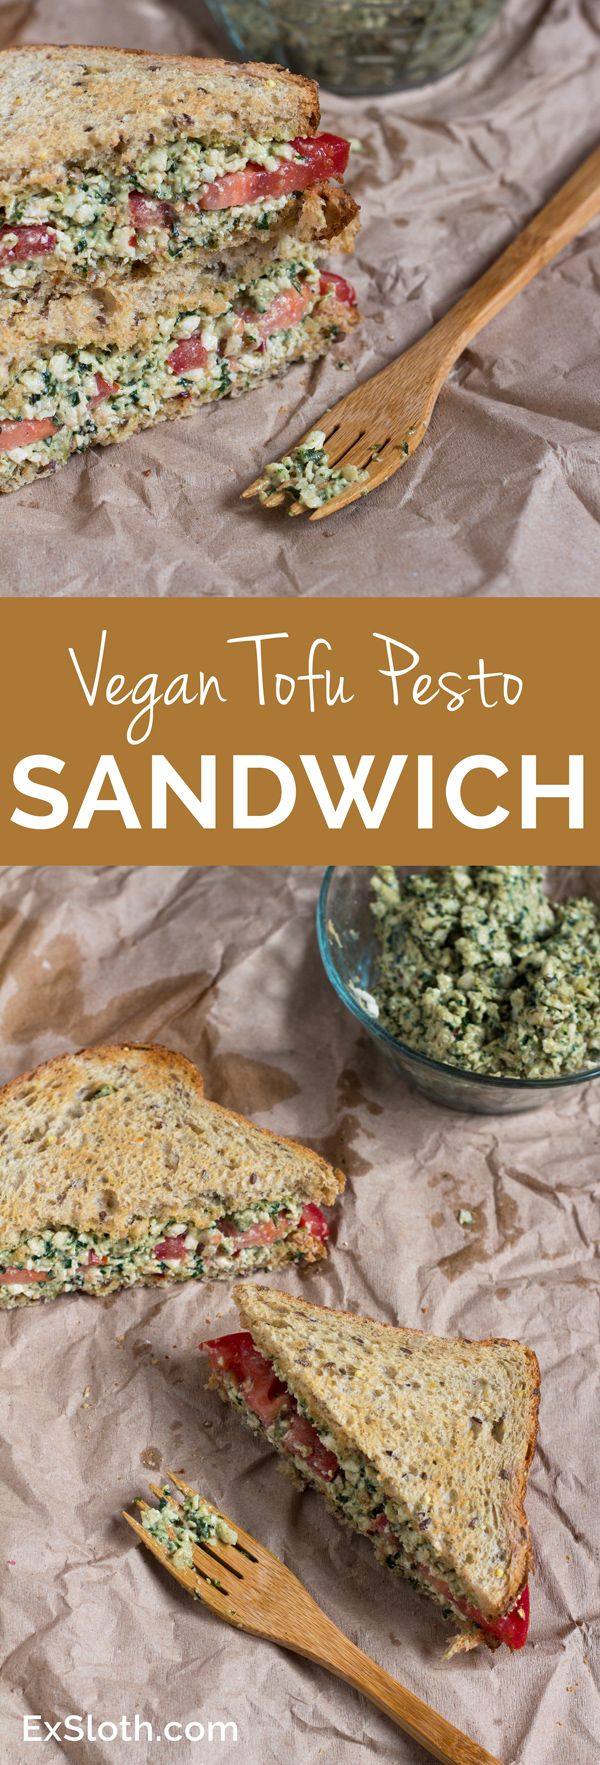 Vegan Tofu Pesto Sandwich via @ExSloth   ExSloth.com